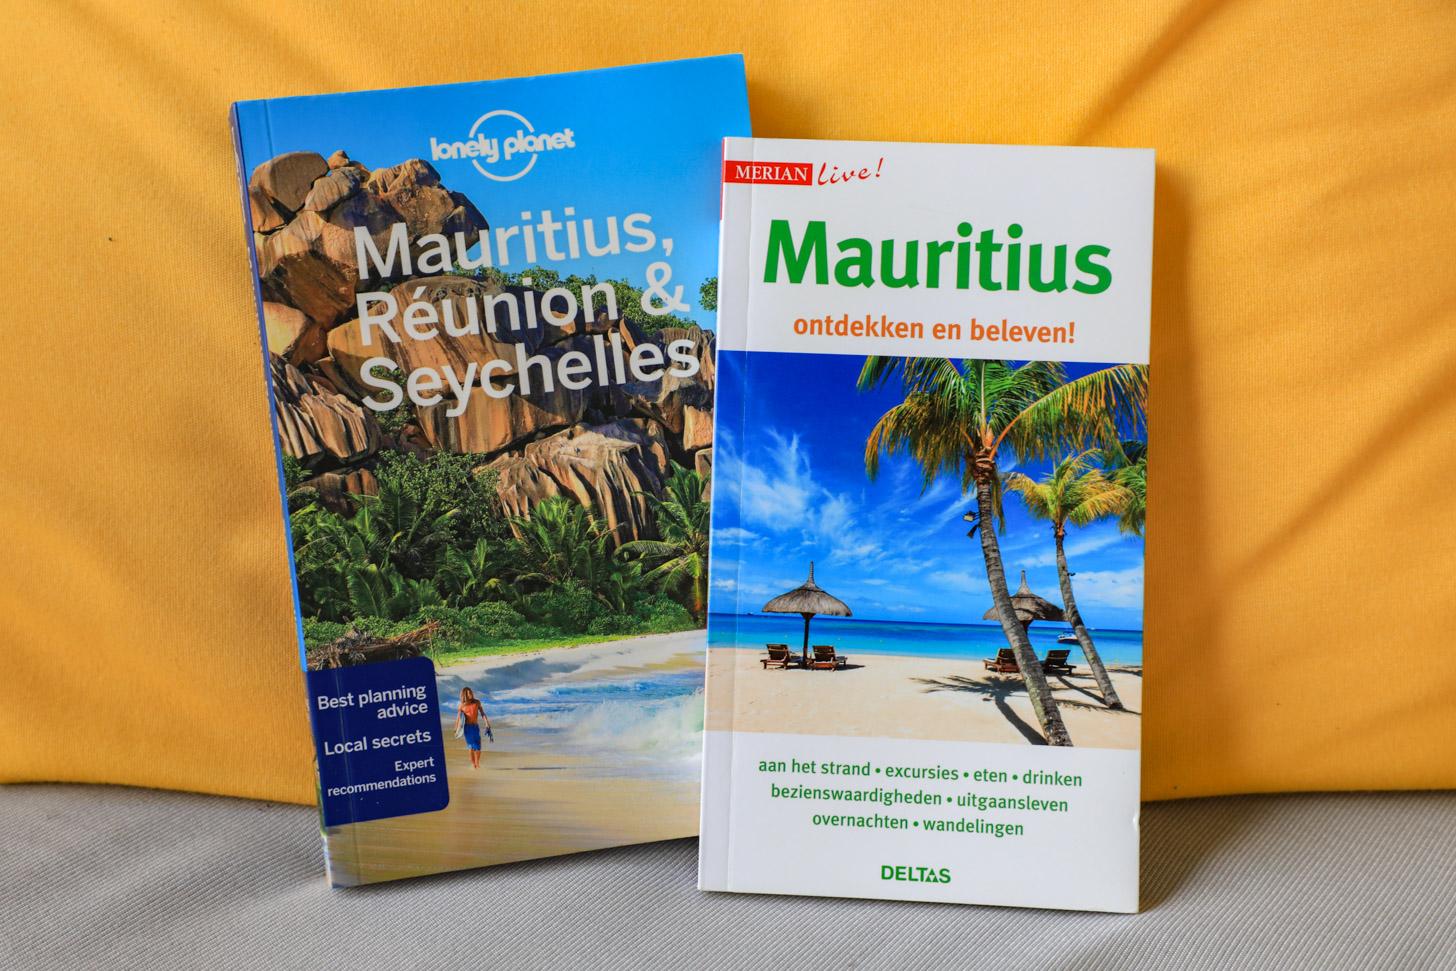 Mauritius reisgidsen